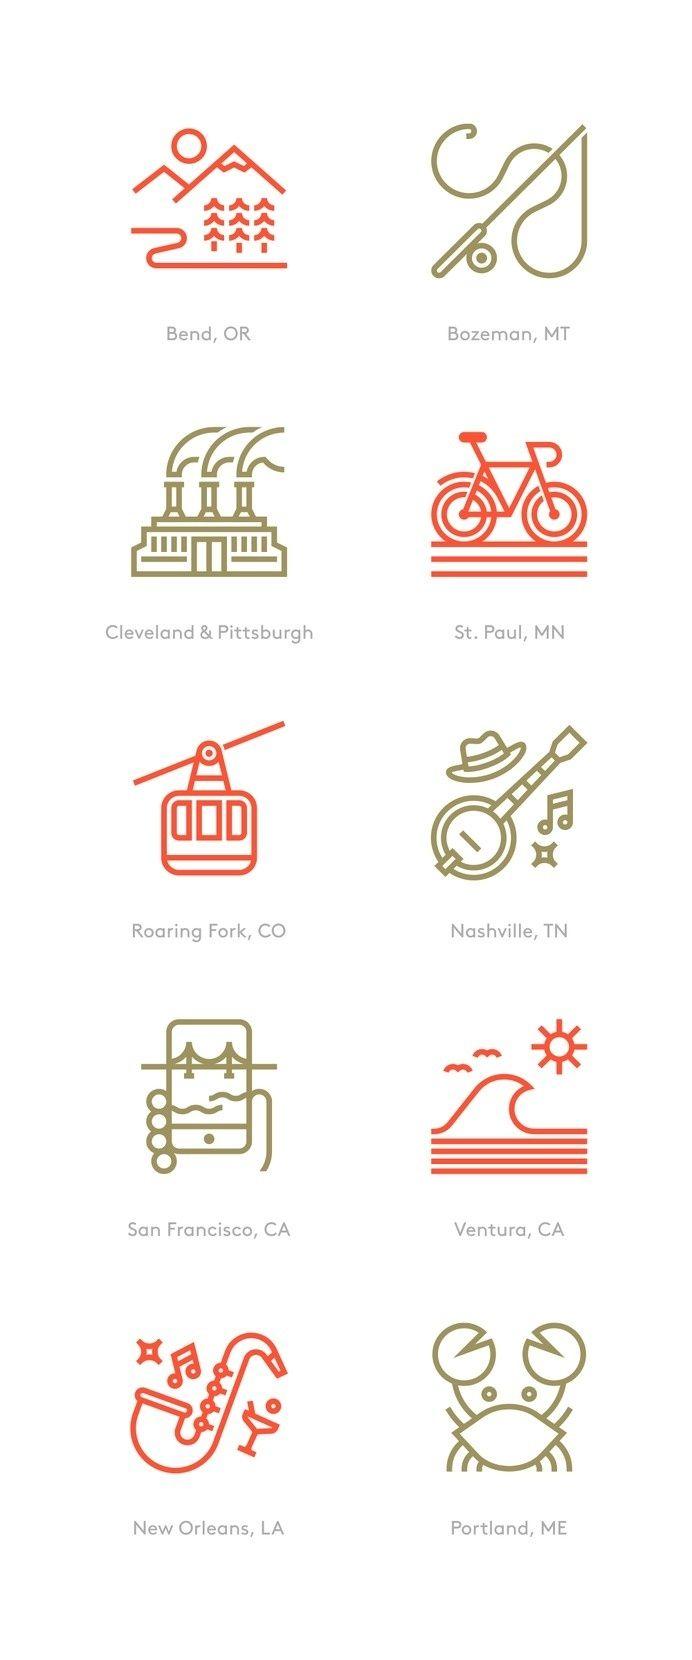 Ten spot illustrations created for Men's Journal. Kim Gray